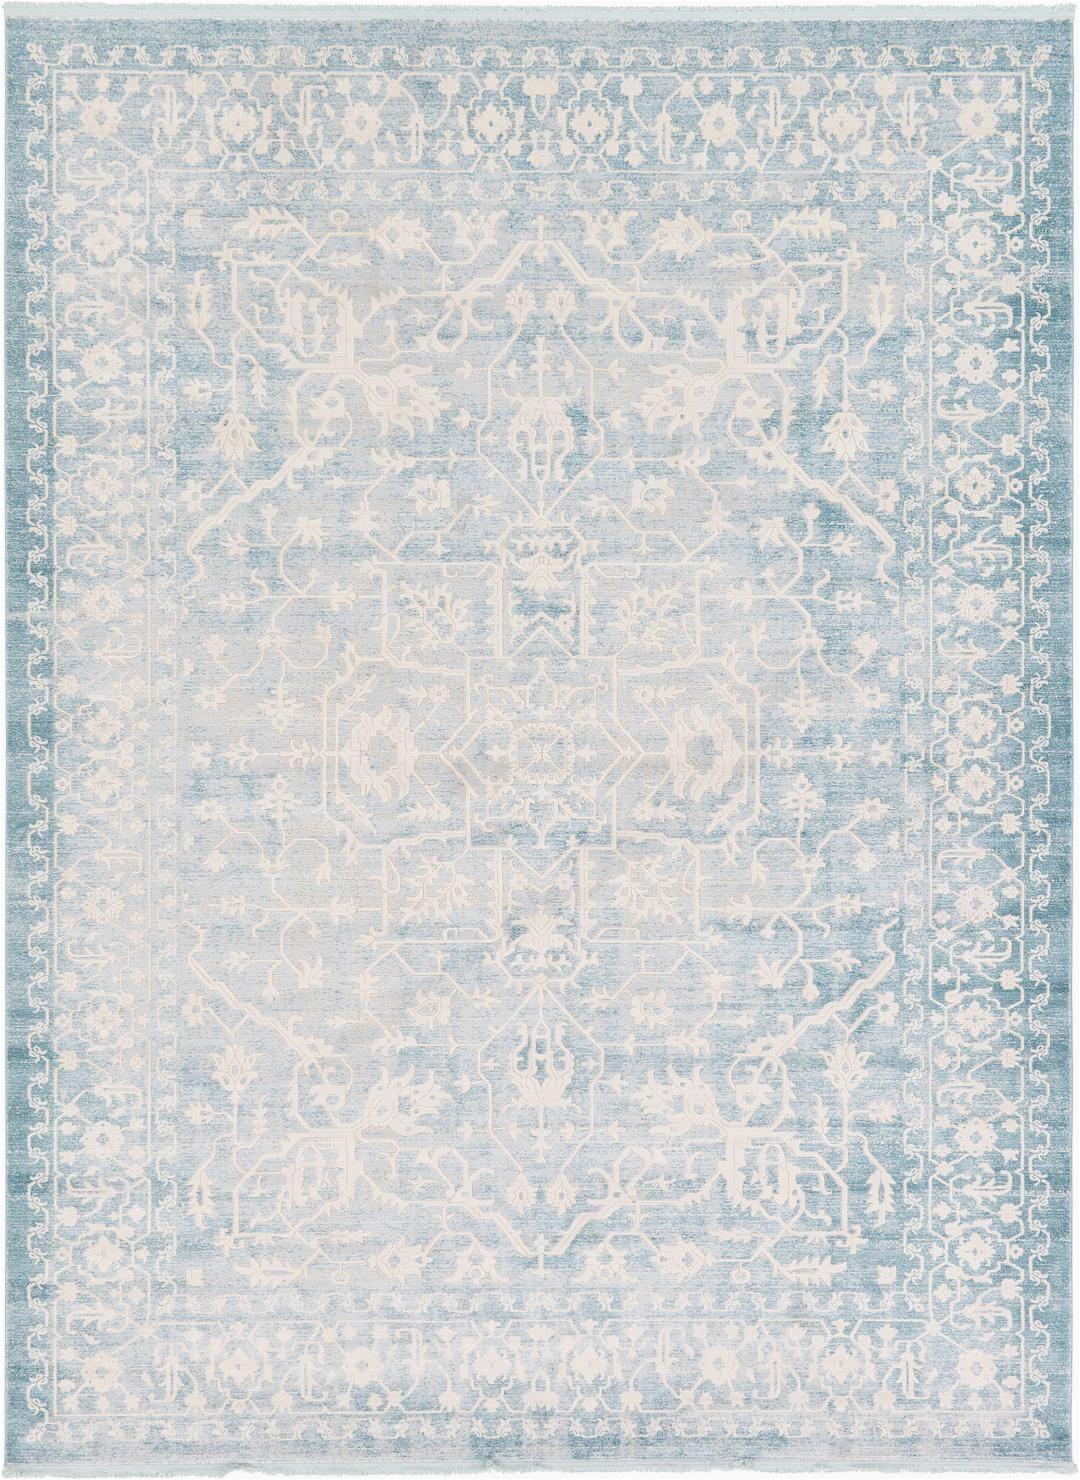 Light Blue Rug 9x12 Light Blue 9 X 12 New Vintage Rug area Rugs Esalerugs